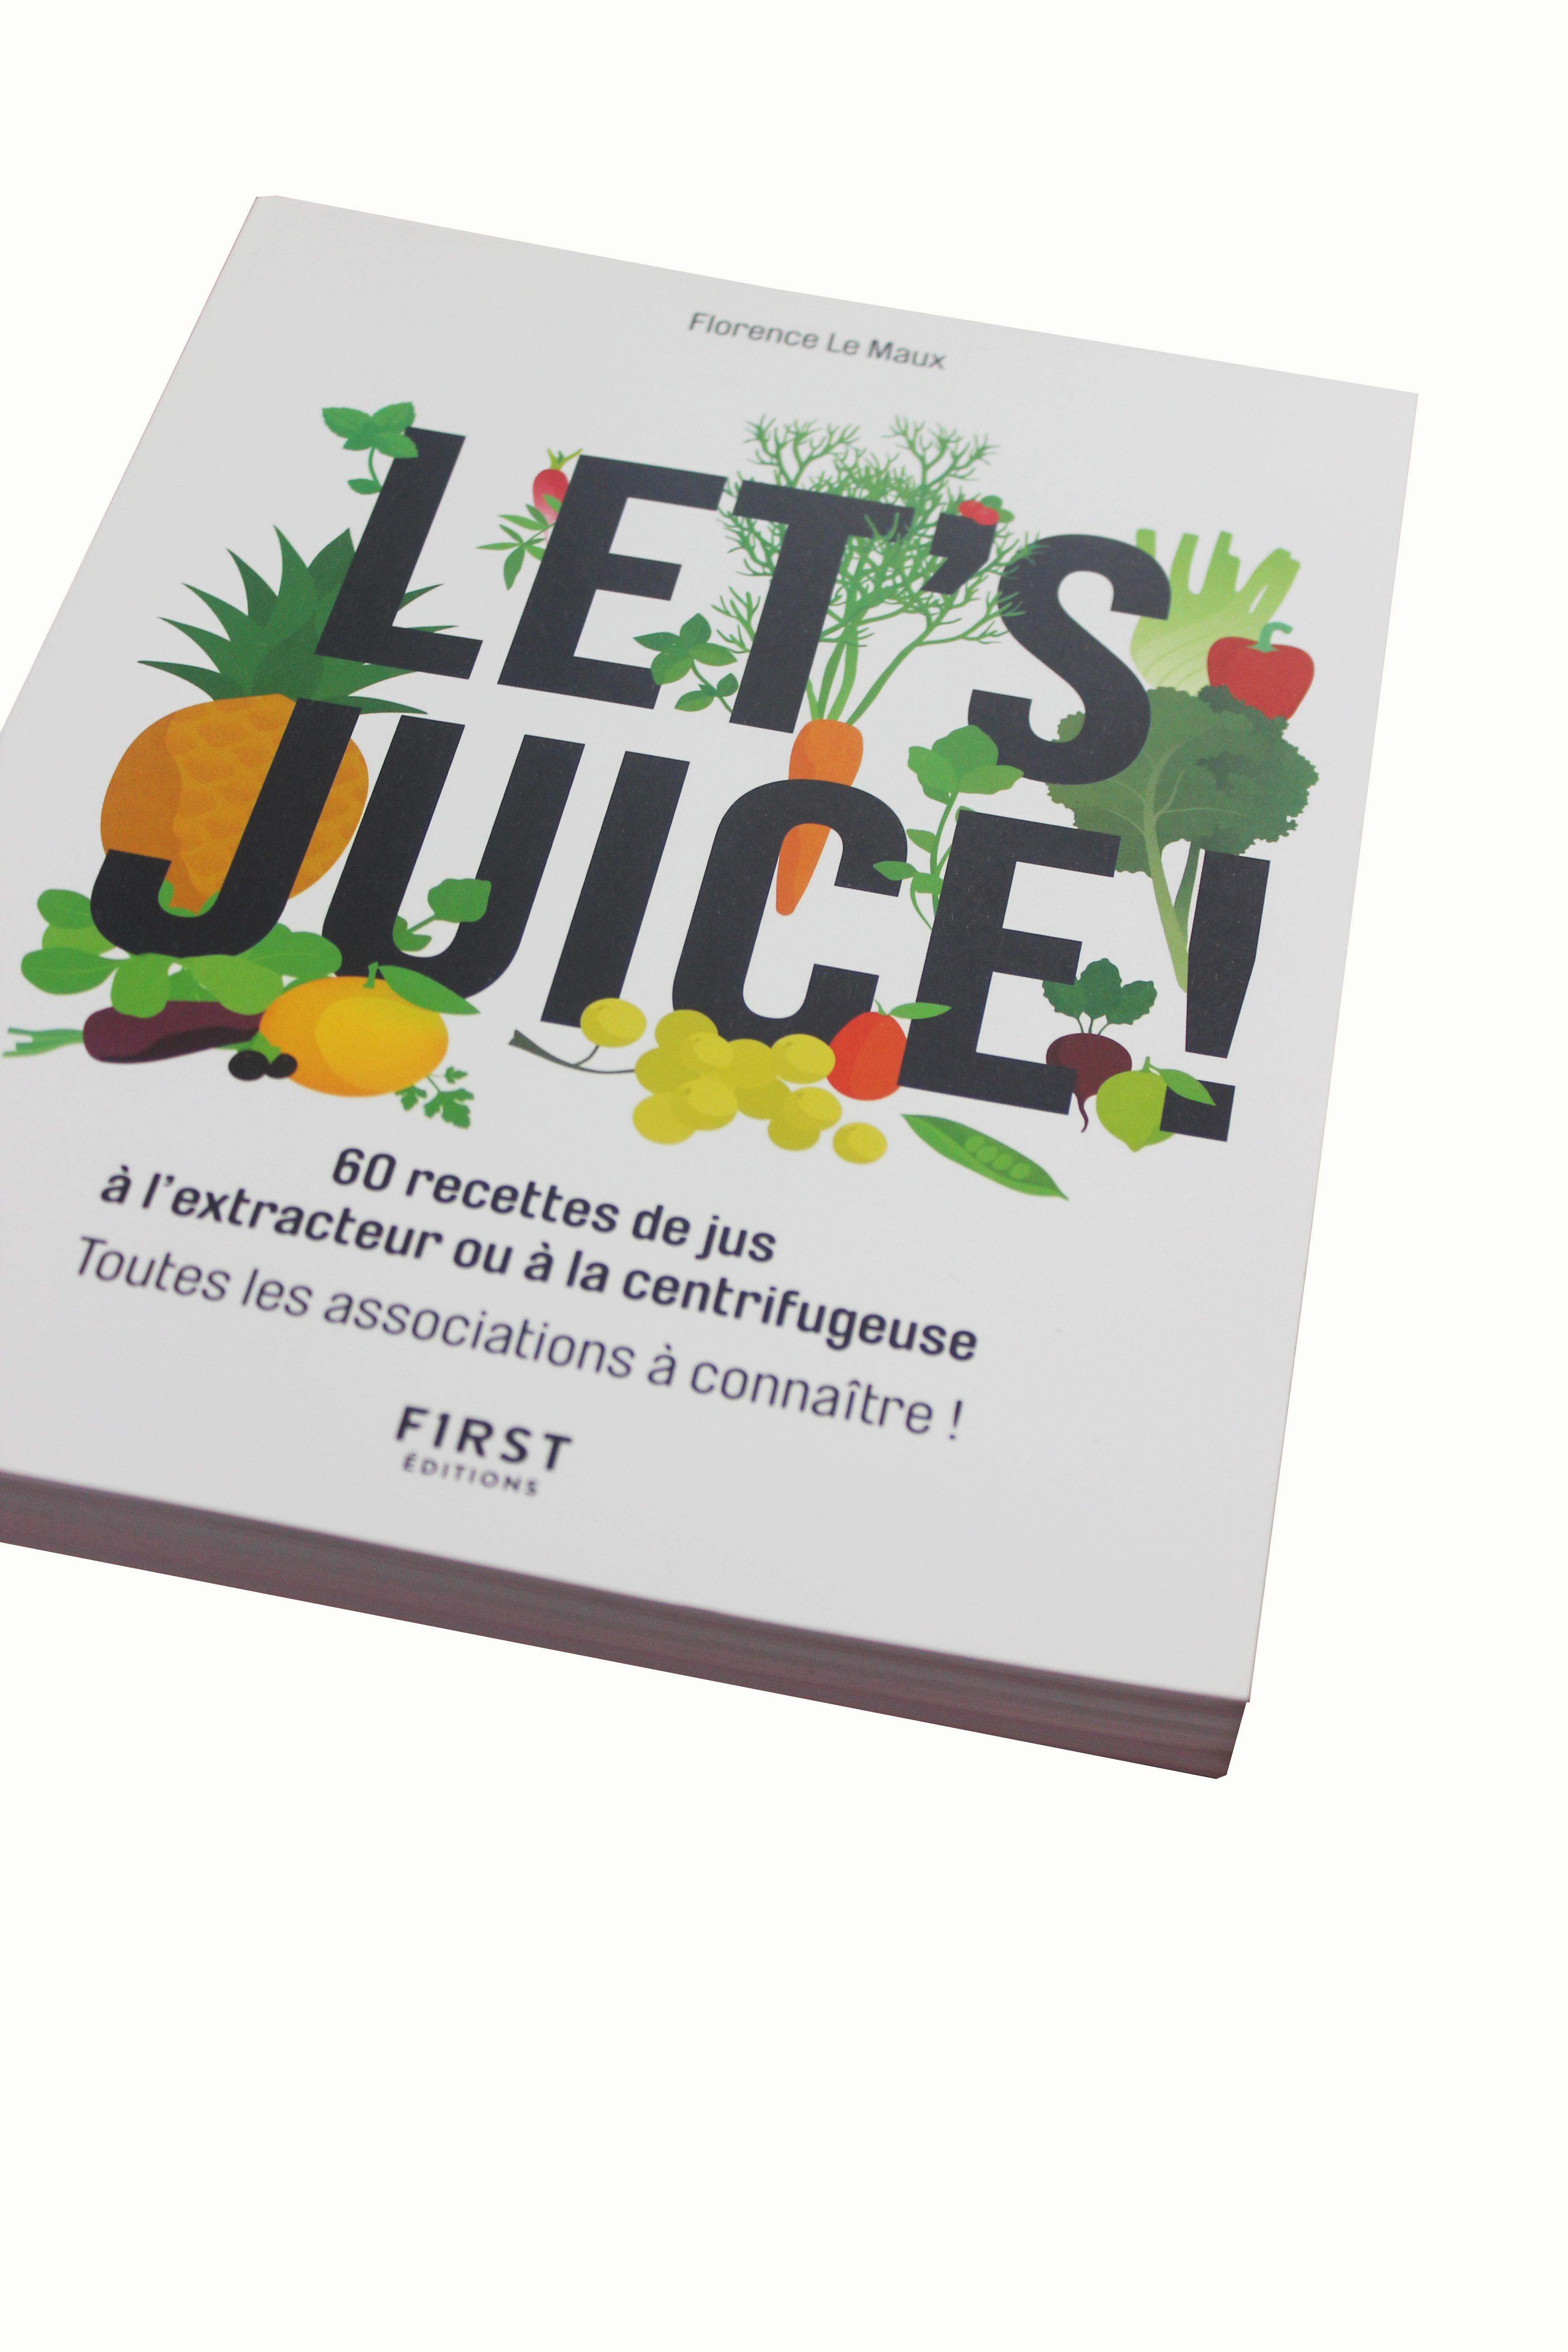 Lets' Juice